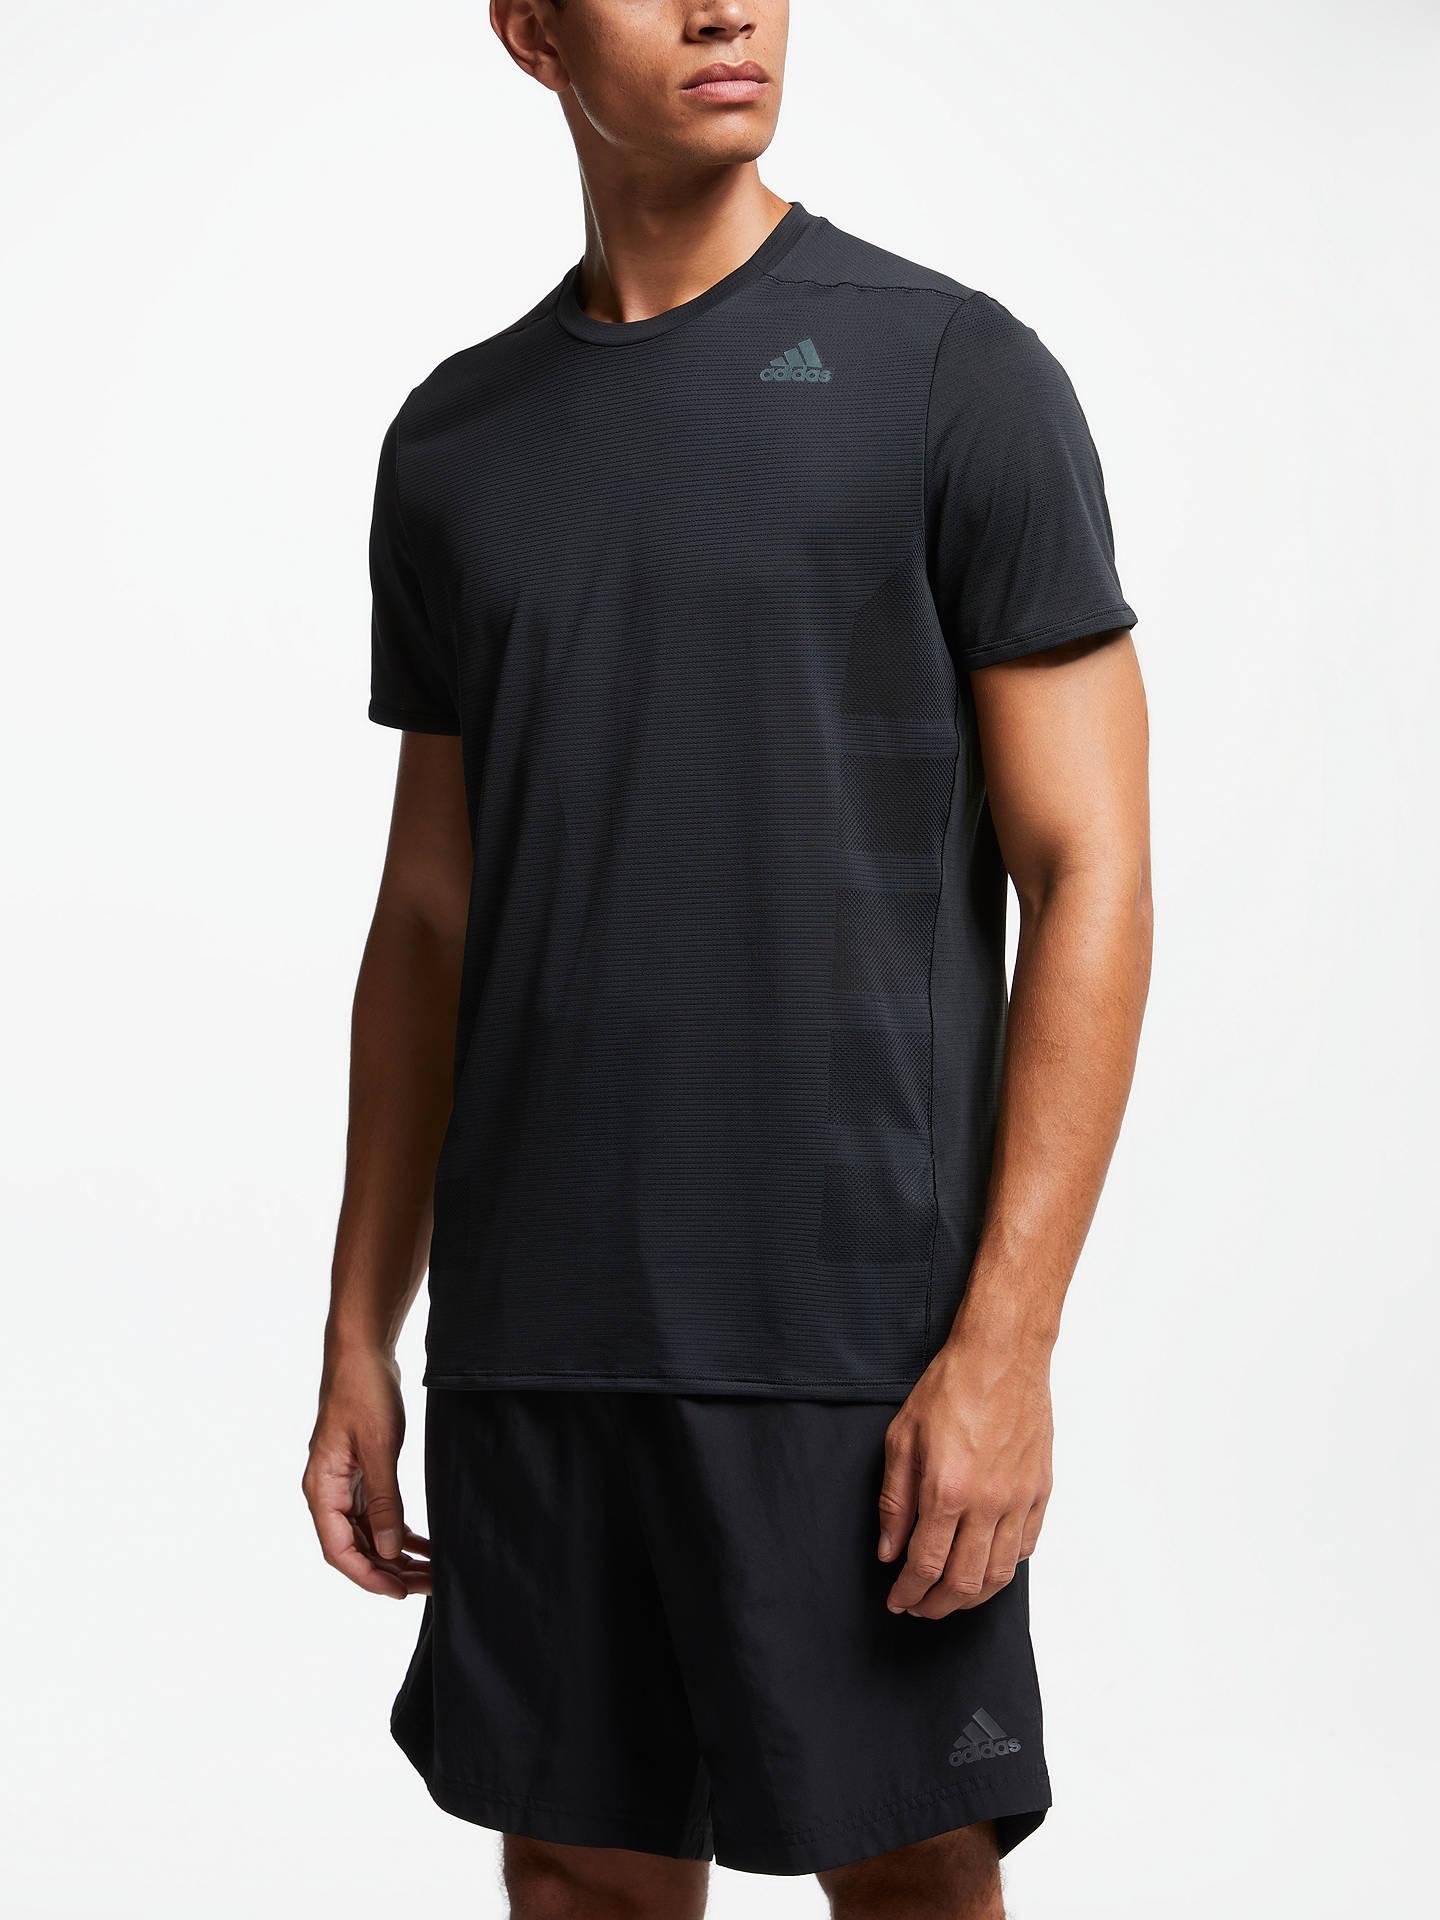 Adidas Men's Supernova Black Running Singlet